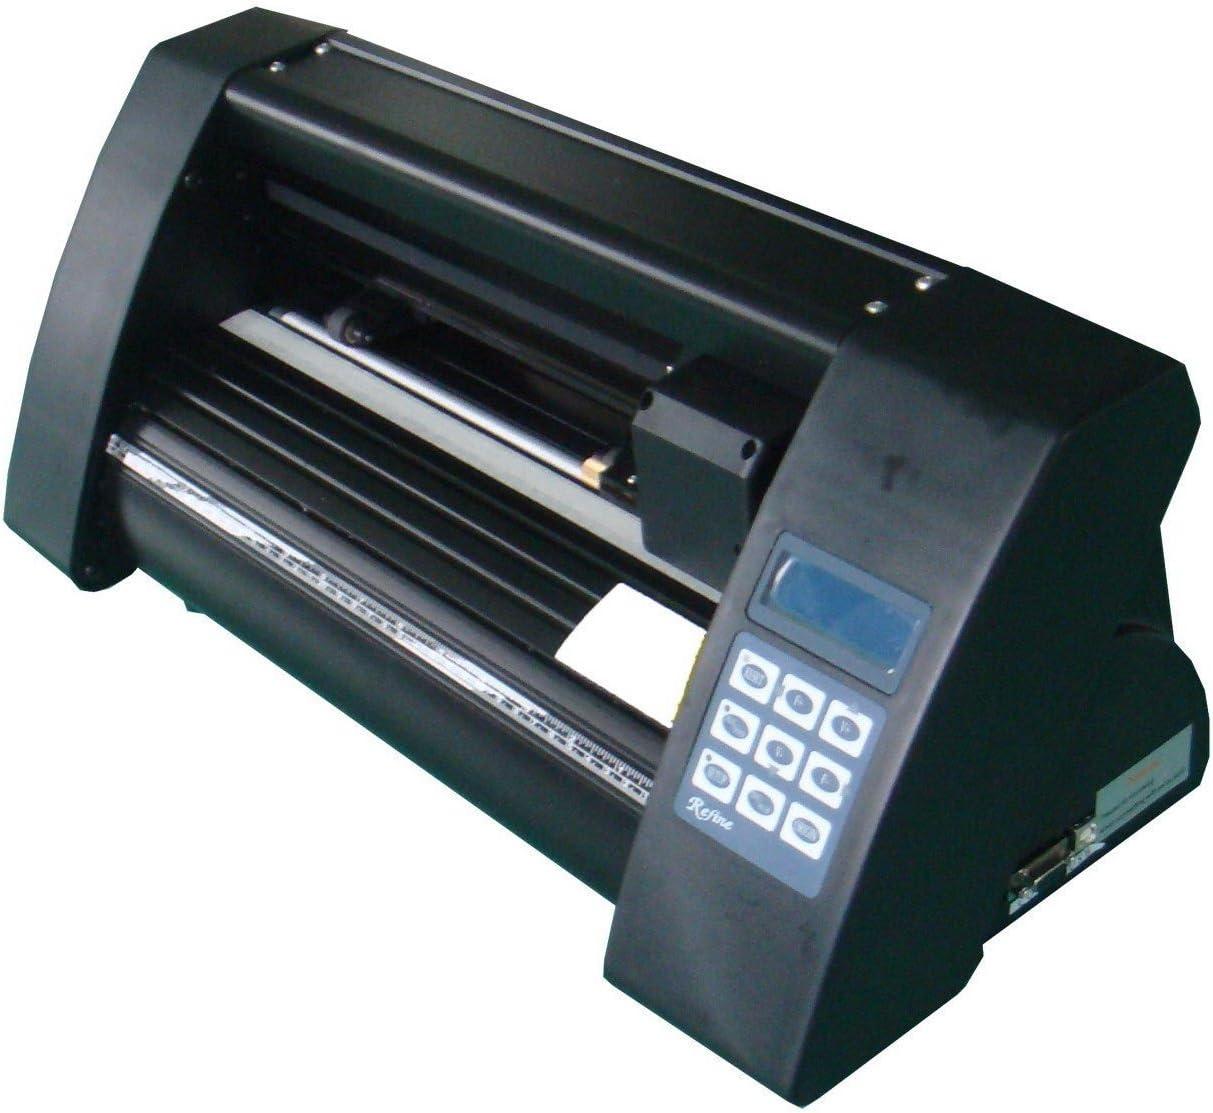 Profesional Plóter V Refine Eh 361 LCD USB, artcut 2009 de Nuevo Ahora Incluye USB Win 10: Amazon.es: Informática